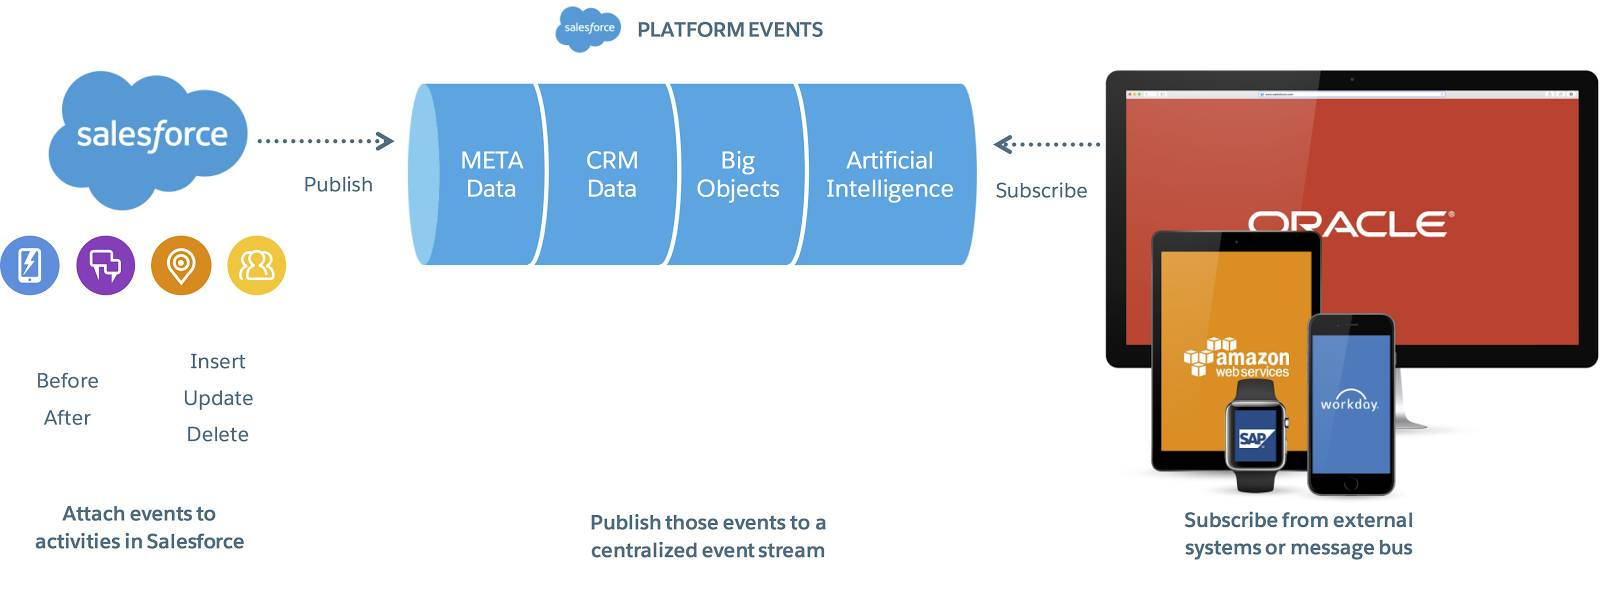 Infografik, die den Ablauf der Veröffentlichung von Ereignissen von Aktivitäten in Salesforce über einen zentralen Ereignisdatenstrom zu externen Systemen wie SAP, AWS und Workday darstellt.